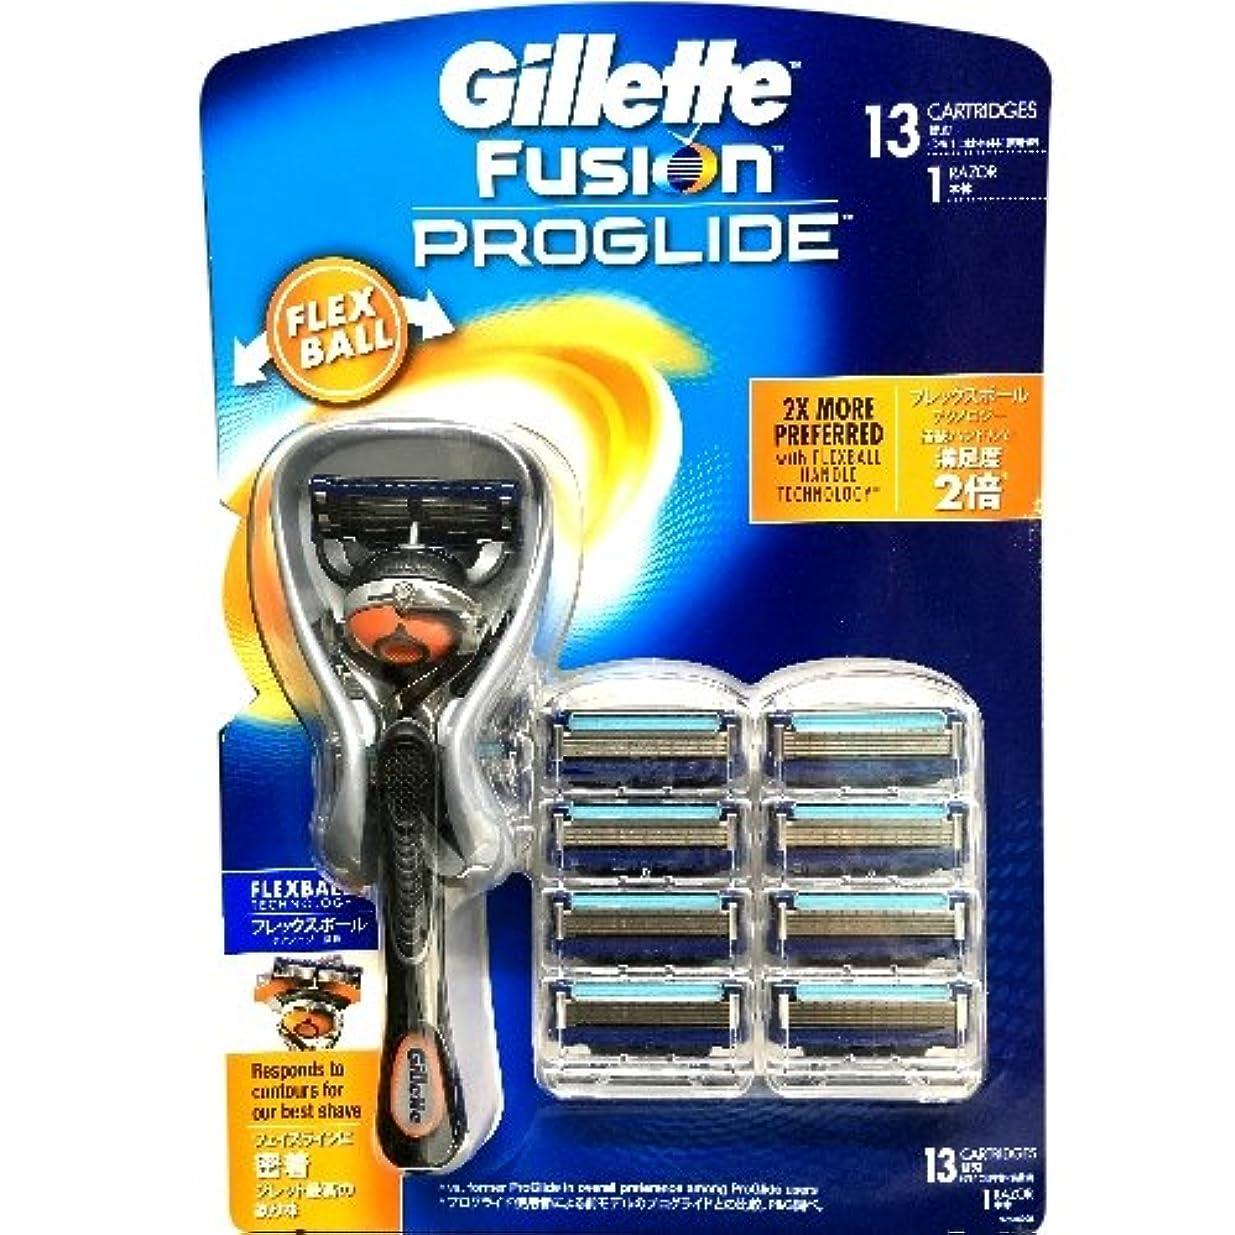 付き添い人展望台排出Gillette Fusion PROGLIDE ジレット フュージョン プログライド フレックスボール マニュアル ひげ剃り シェーピング 替刃13コ